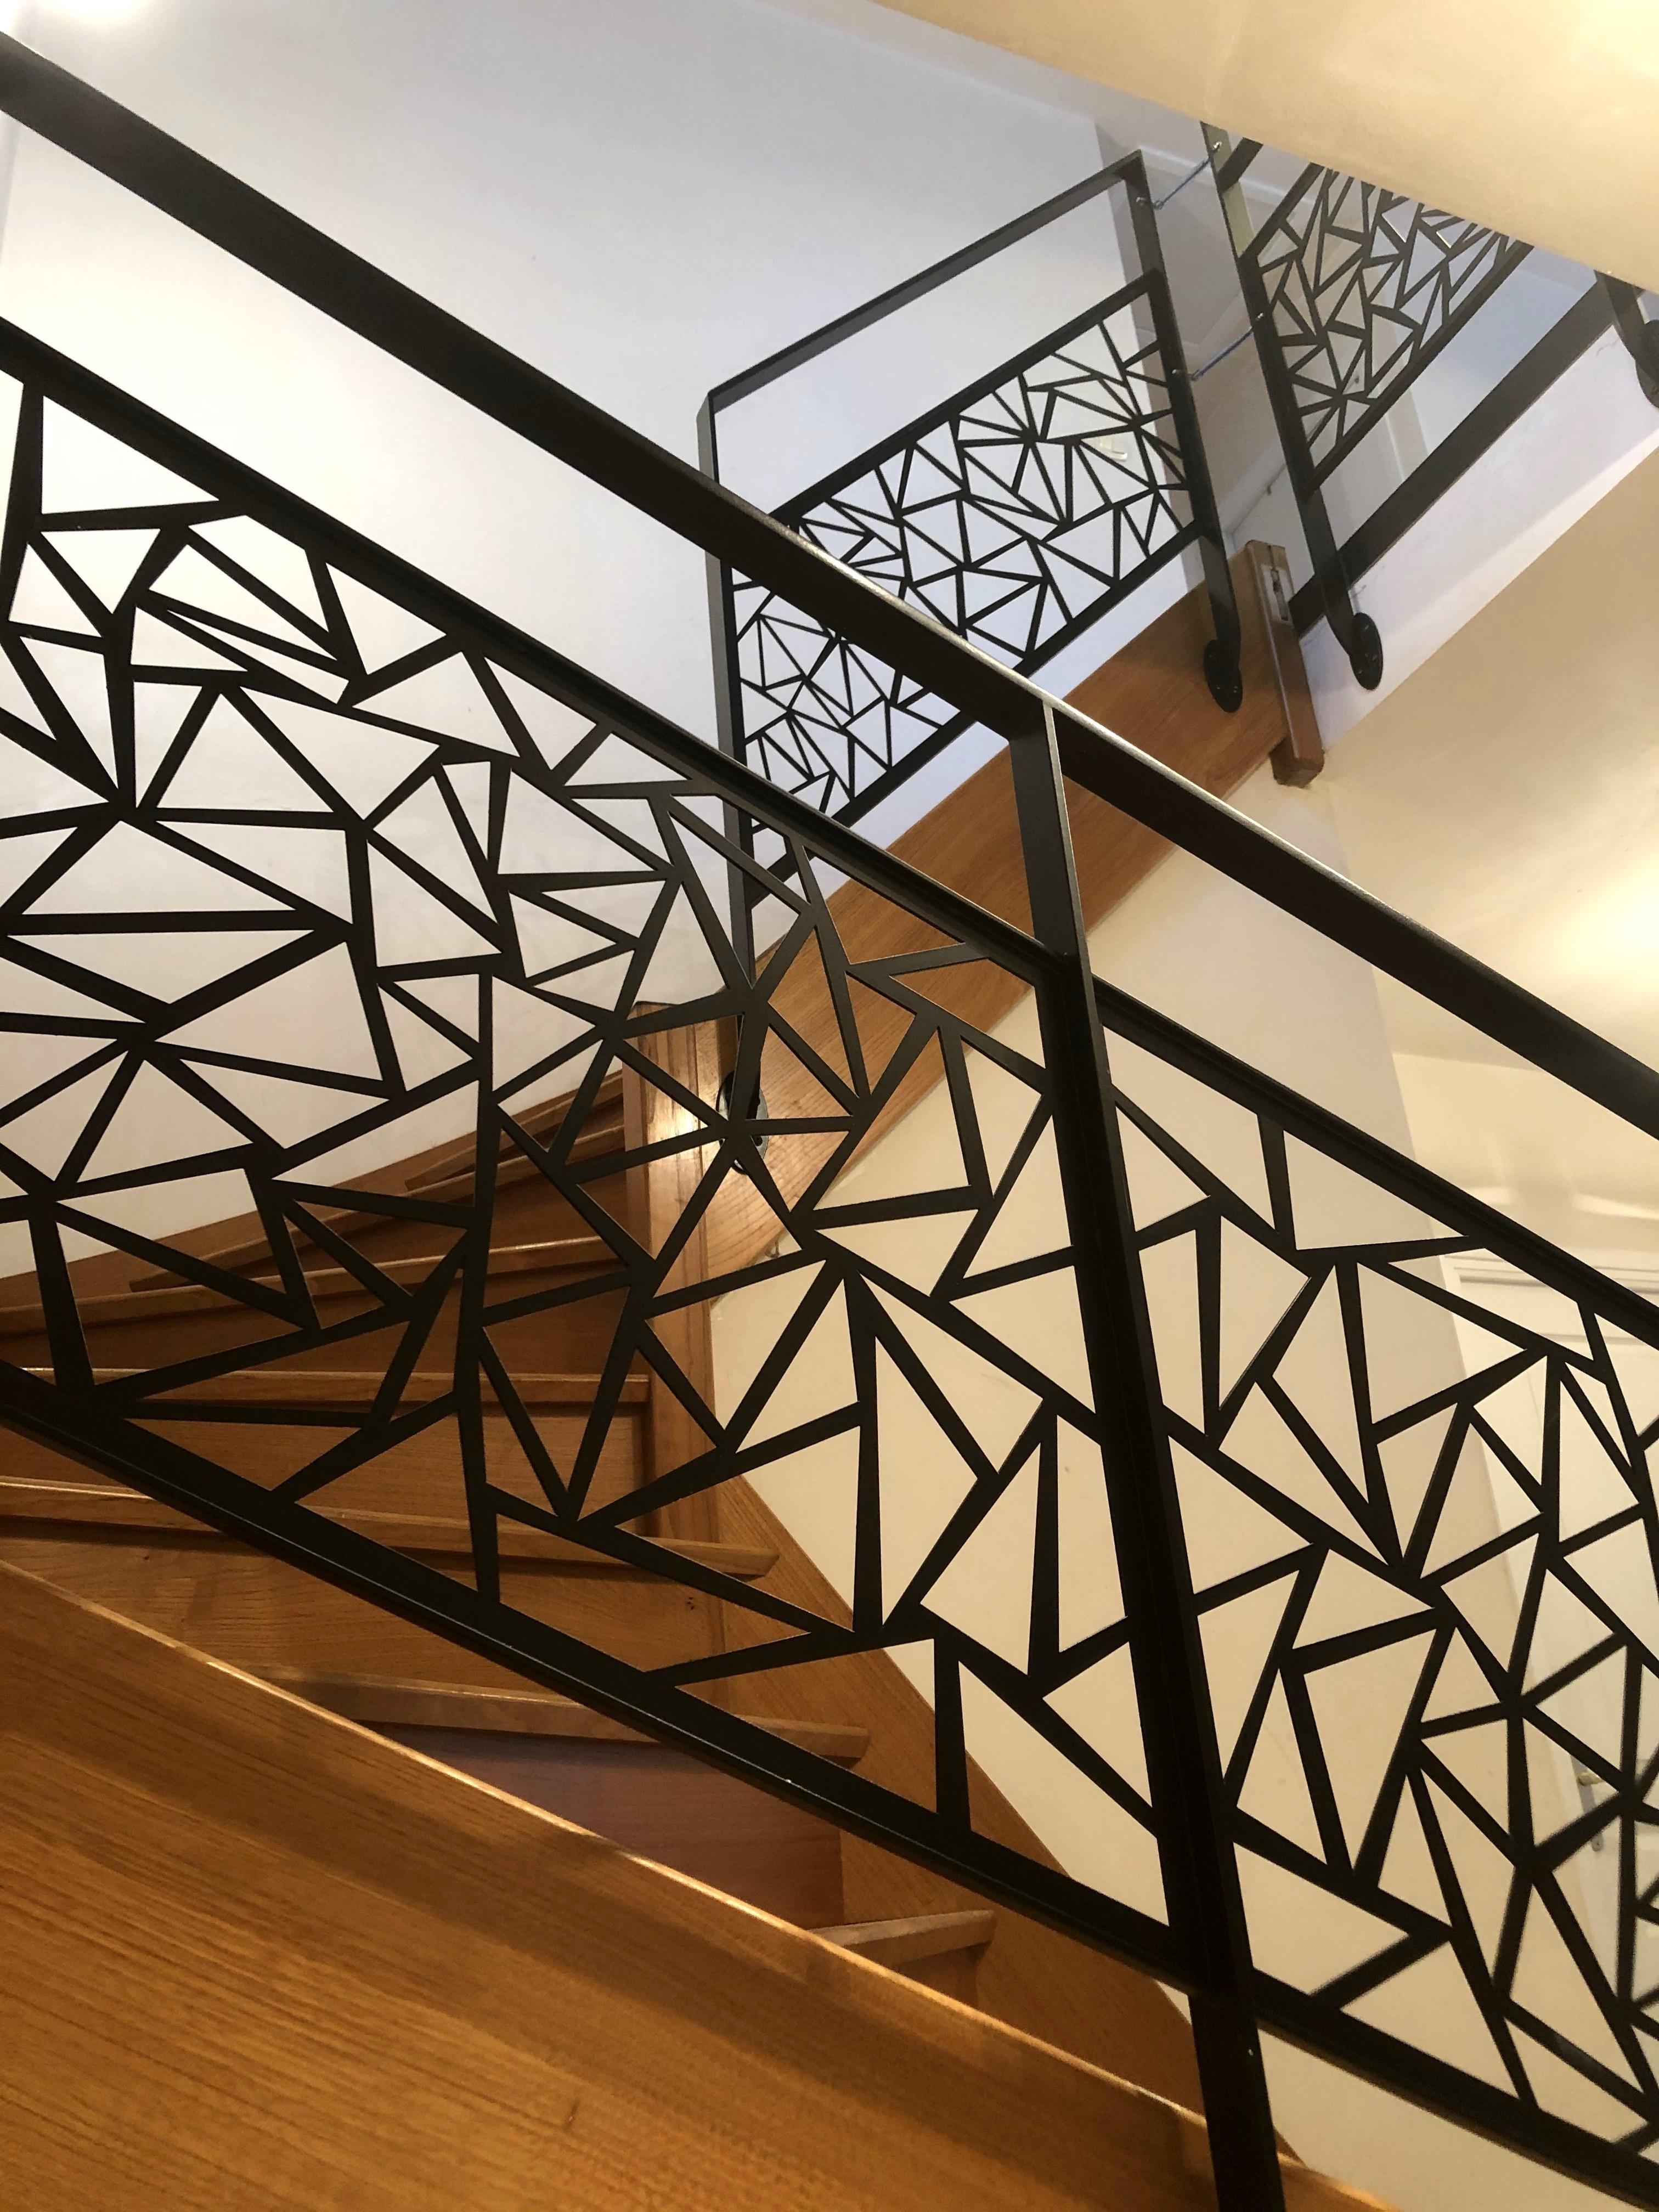 Renovation escalier bois garde corps contemporain art metal concept quimper bigouden 1